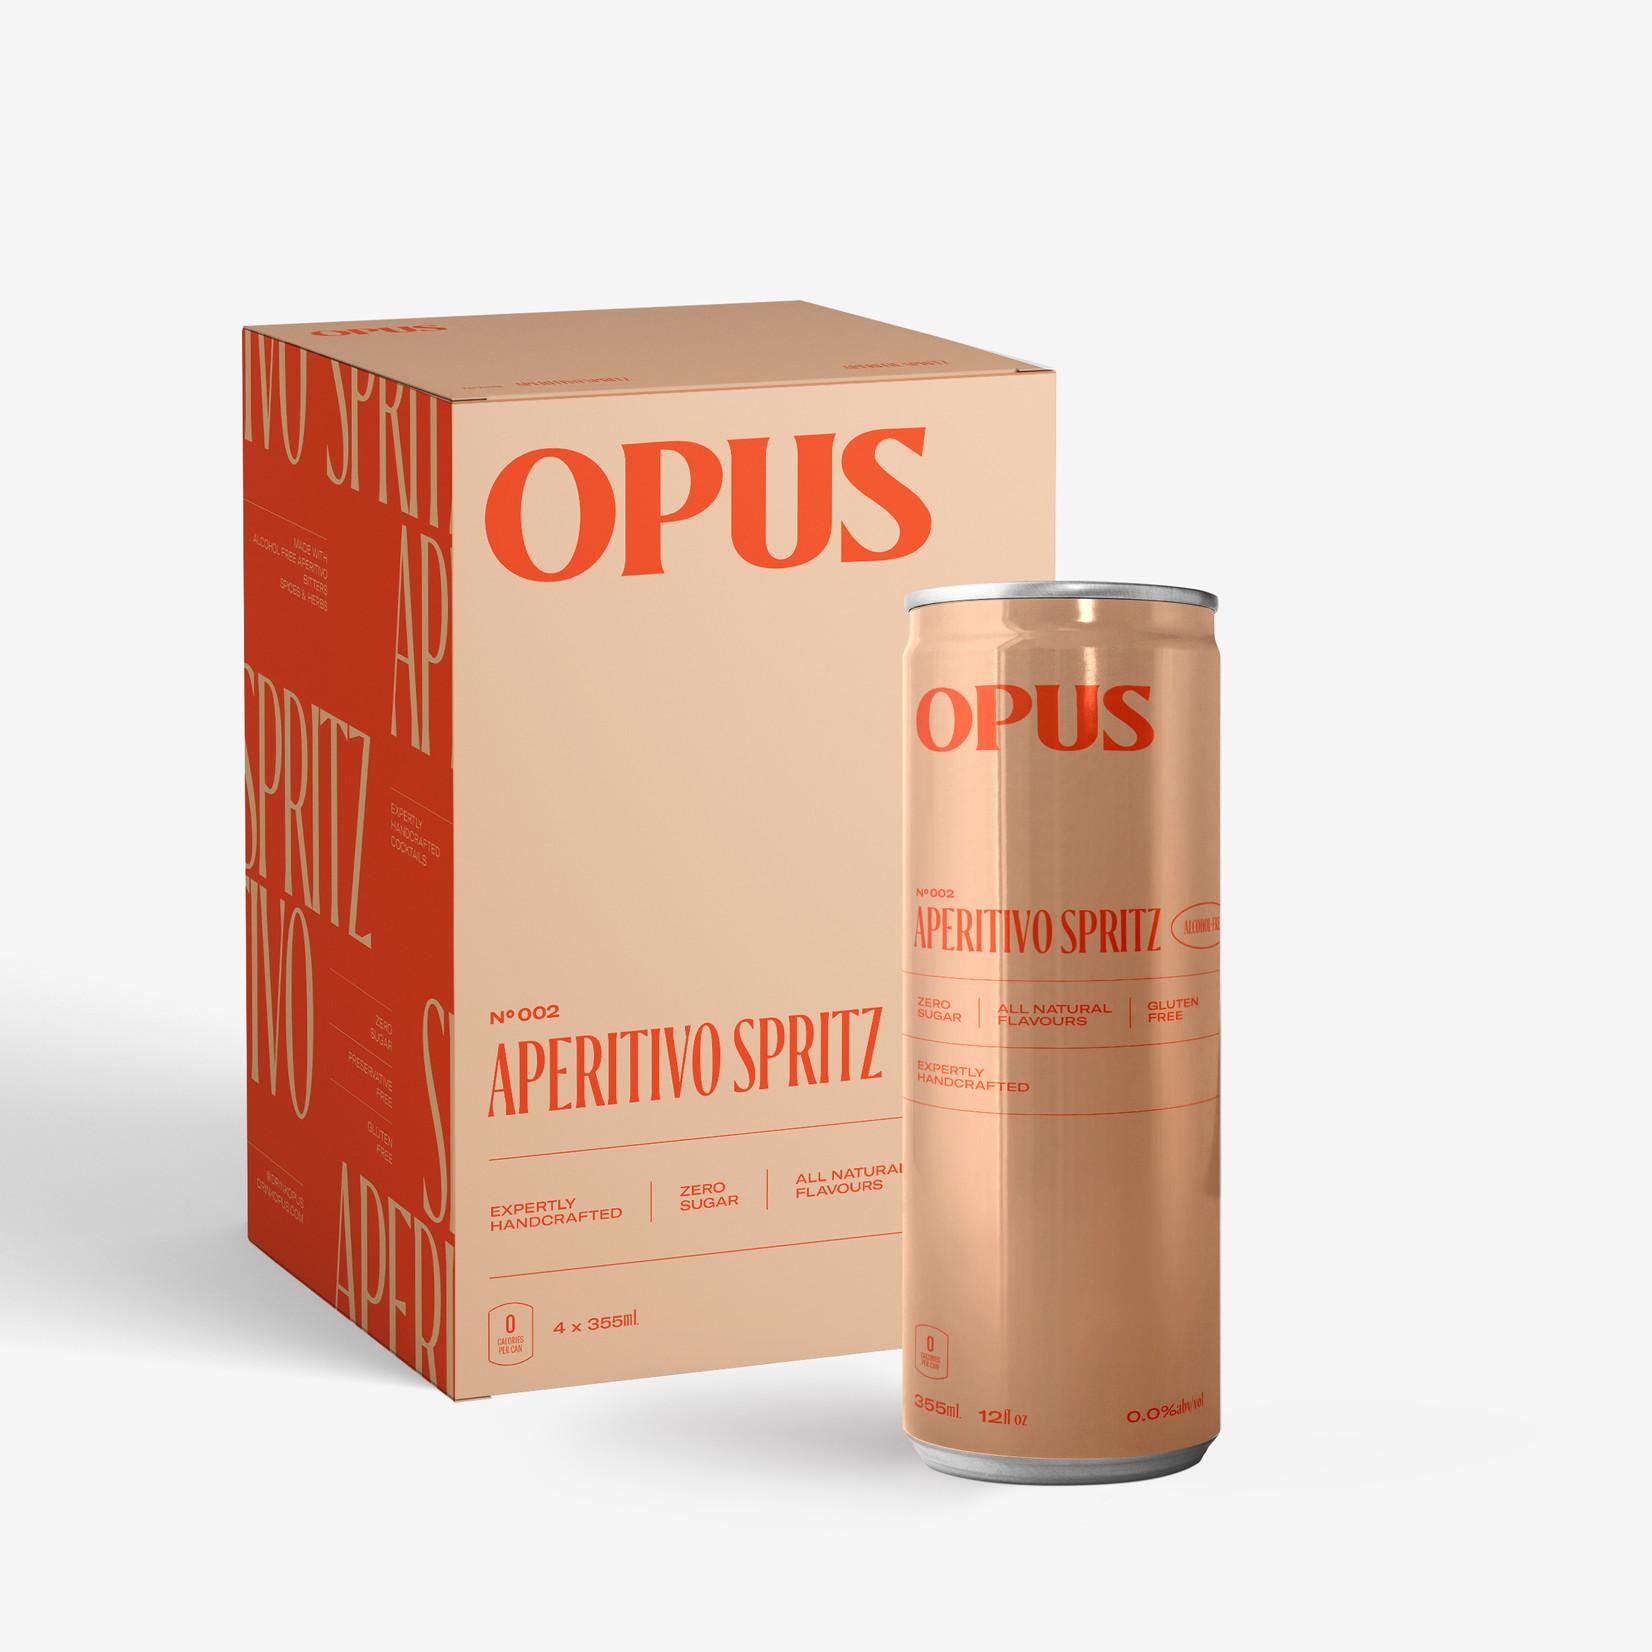 Opus Non Alcoholic Aperitivo Spritz 4 Pack